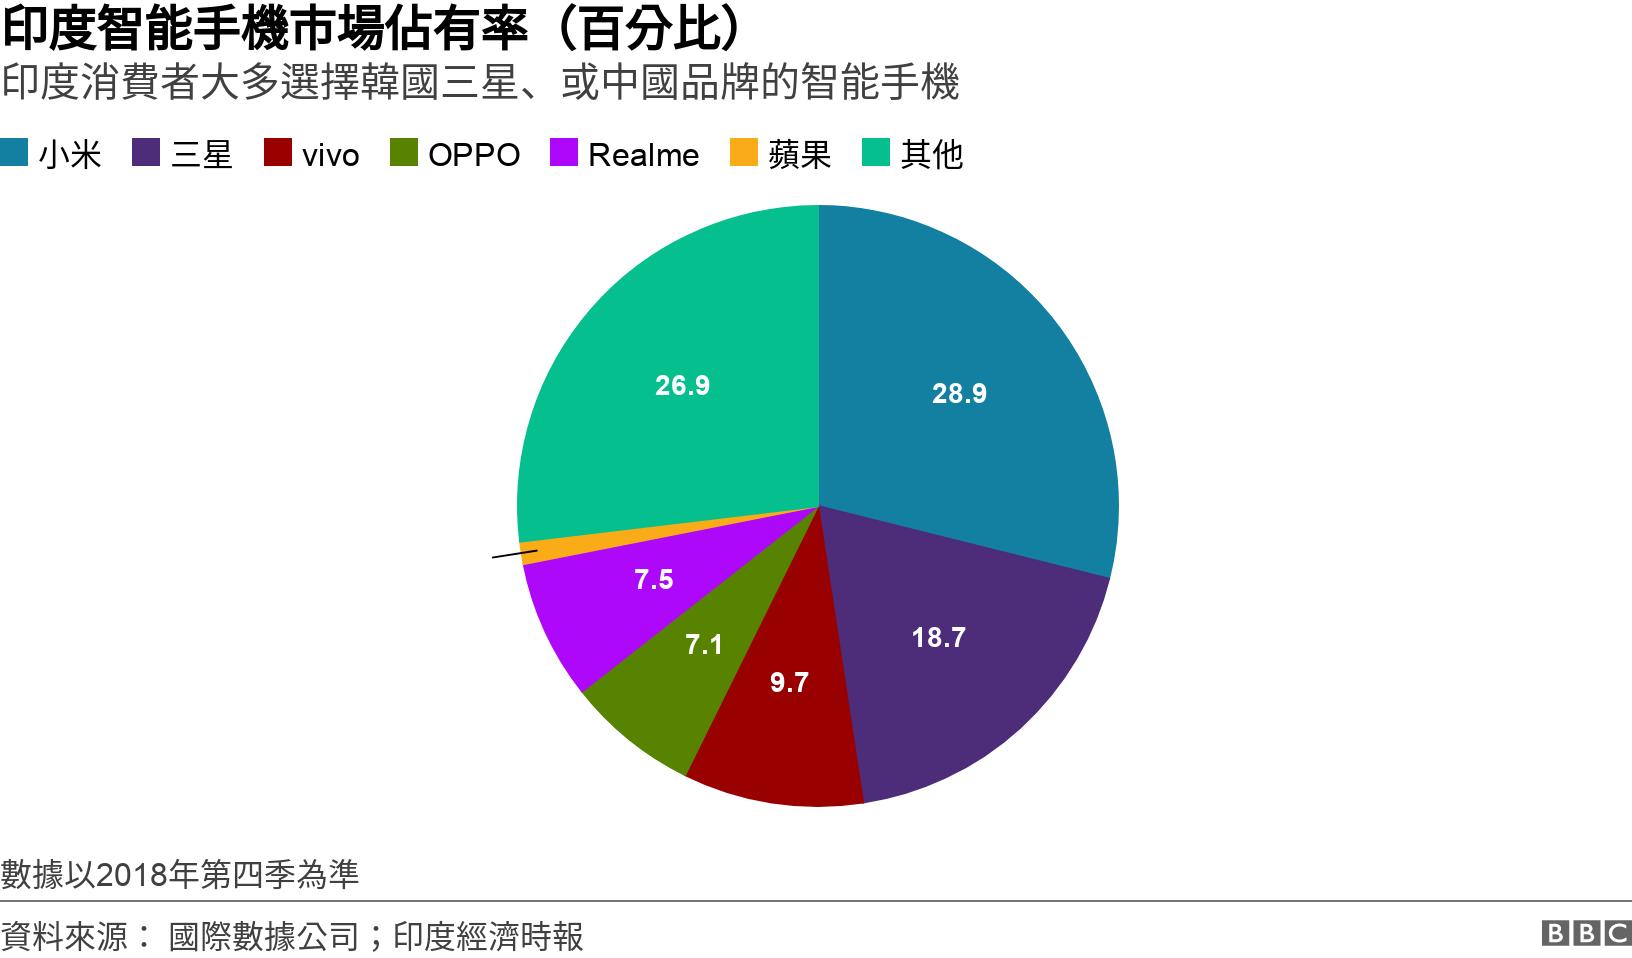 印度智能手機市場佔有率(百分比). 印度消費者大多選擇韓國三星、或中國品牌的智能手機 . 印度智能手機市場佔有率 數據以2018年第四季為準.